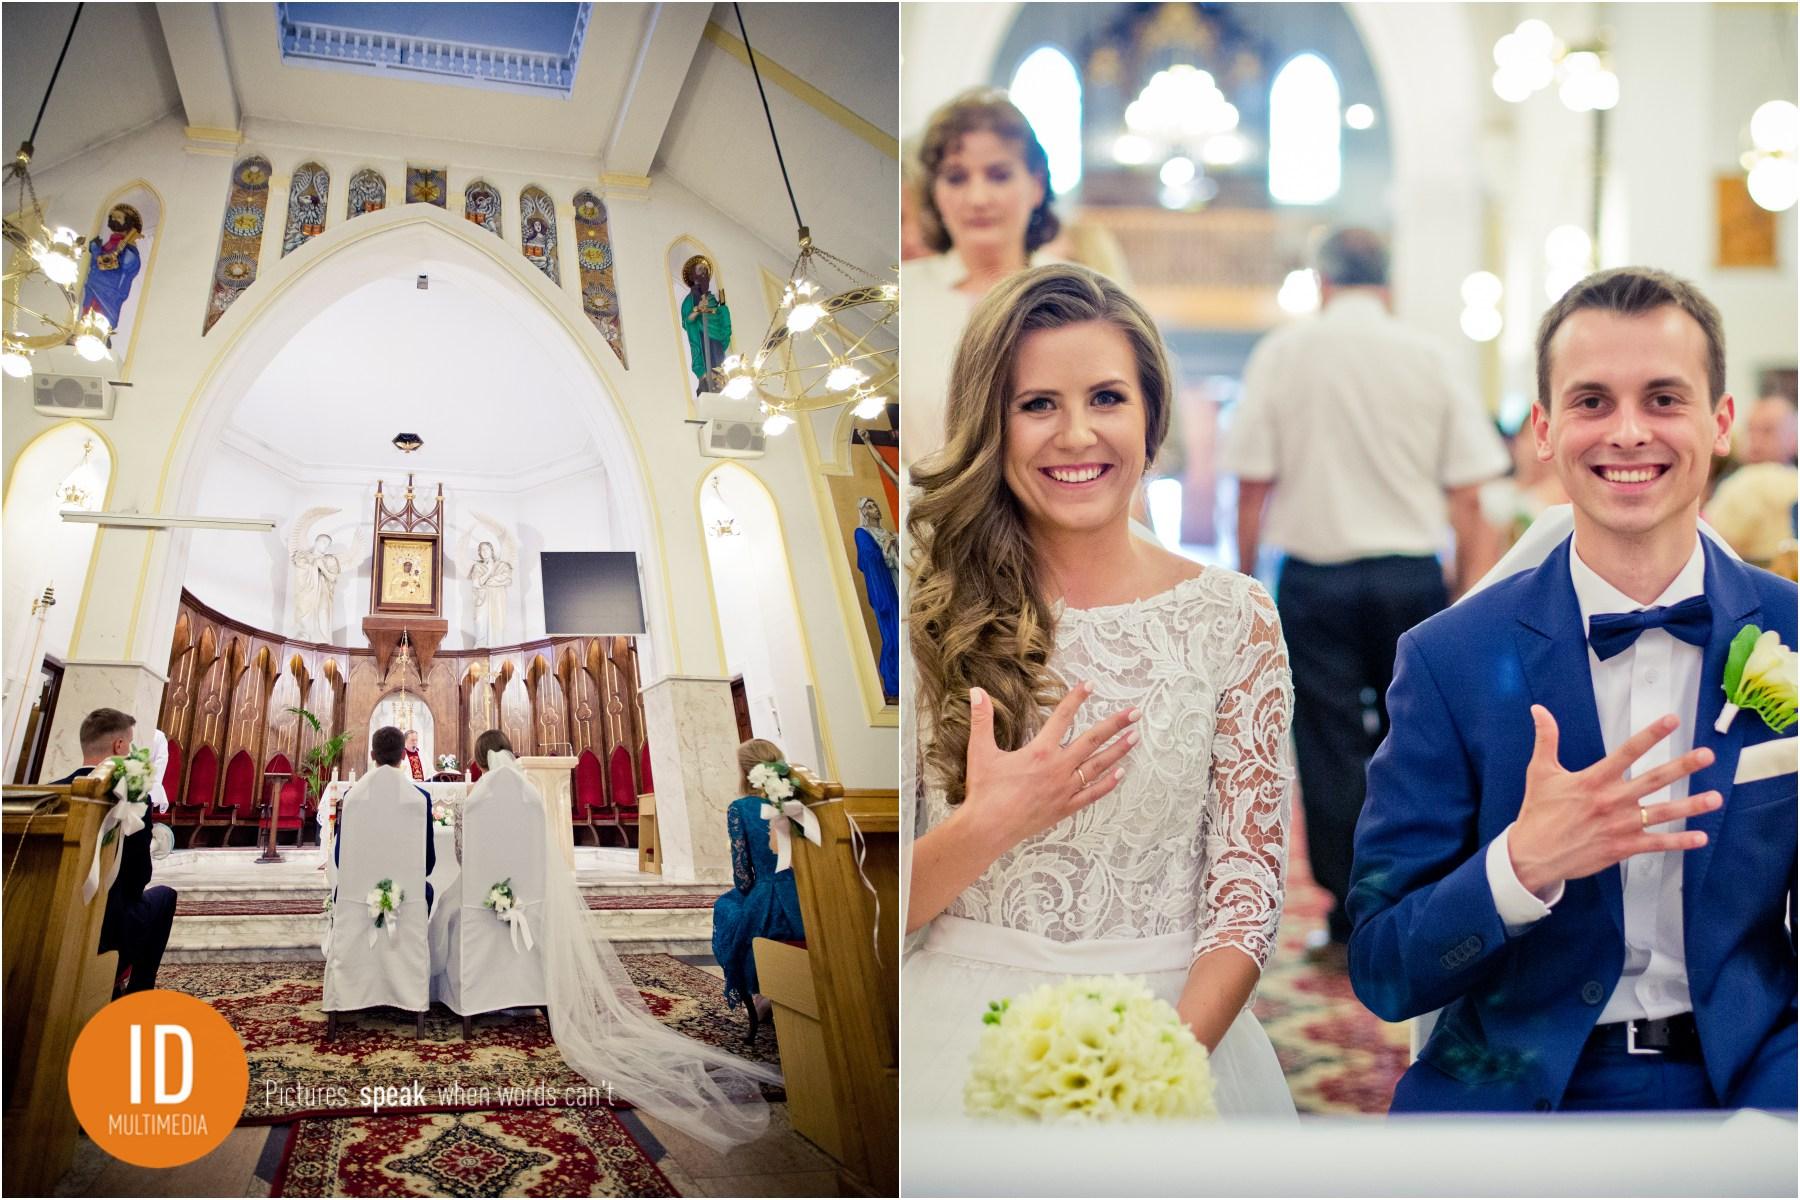 Małżonkowie tuż po ślubie zdjęcia ślubne IdMultimedia